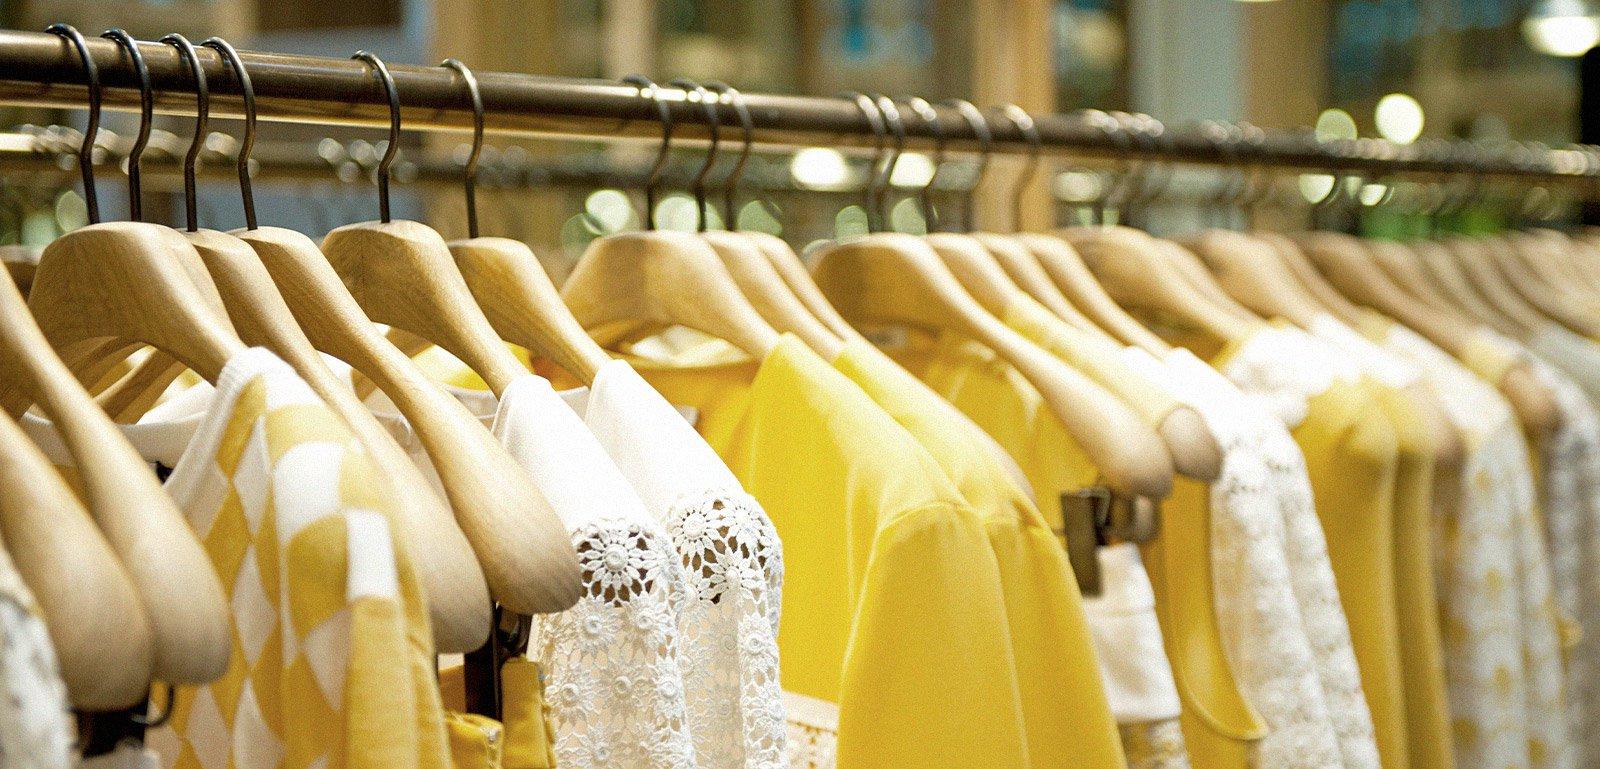 2019年成衣及服飾品製造業發展趨勢